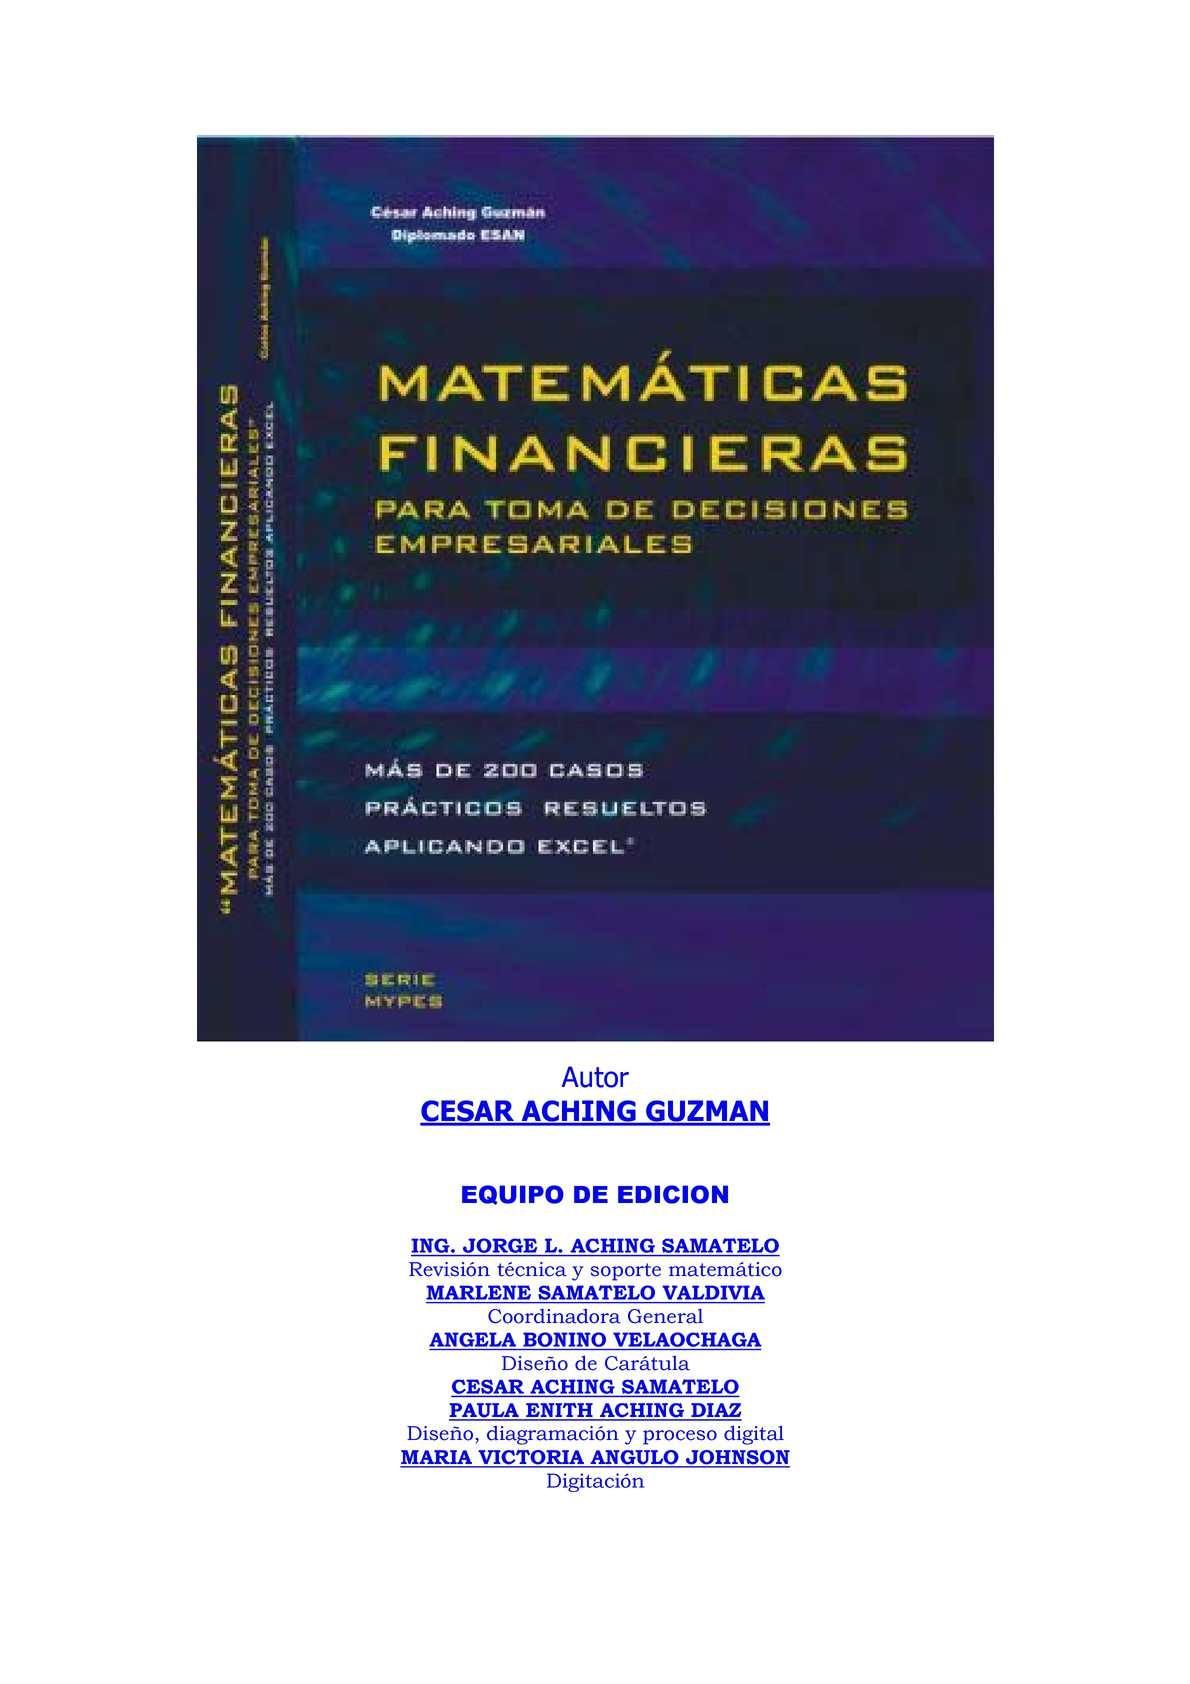 Calendario 2020 Logroño Más Reciente Calaméo Matemáticas Financiera Of Calendario 2020 Logroño Más Actual Boe Documento Consolidado Boe A 2009 9043